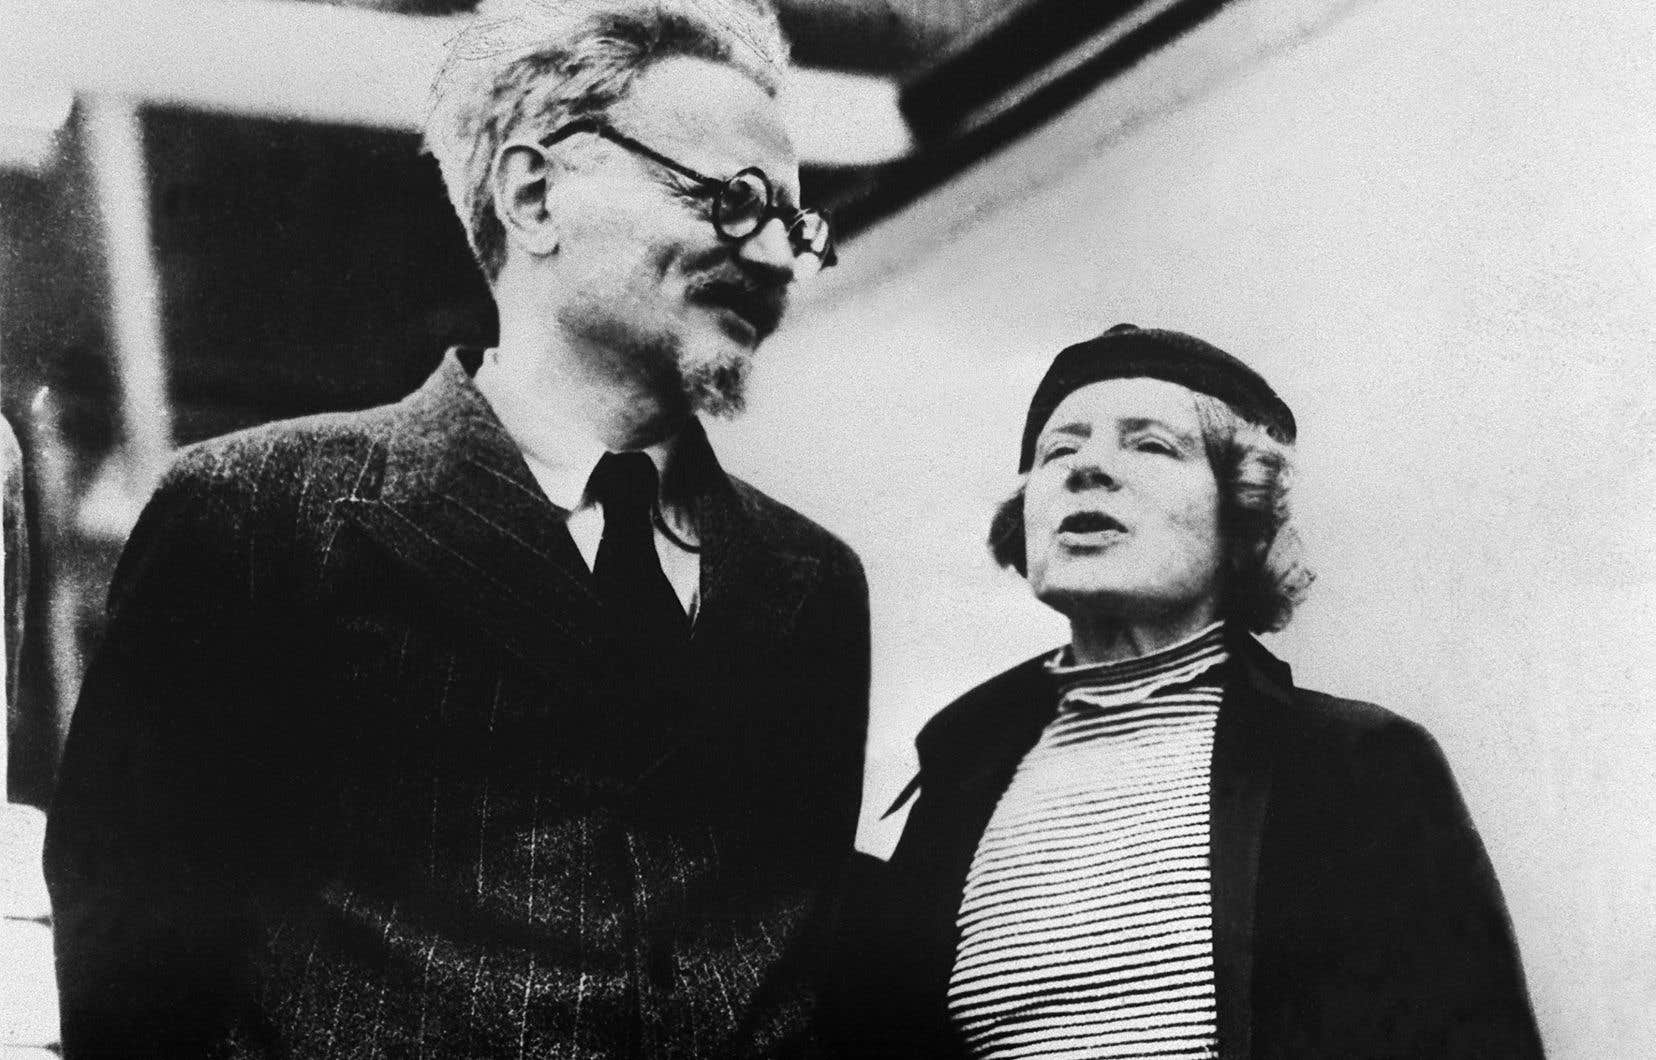 Cette photo d'archives prise le 1er juillet 1937 montre Léon Trotski et sa femme Natalia Sedova en exil, venant de trouver refuge à Mexico.